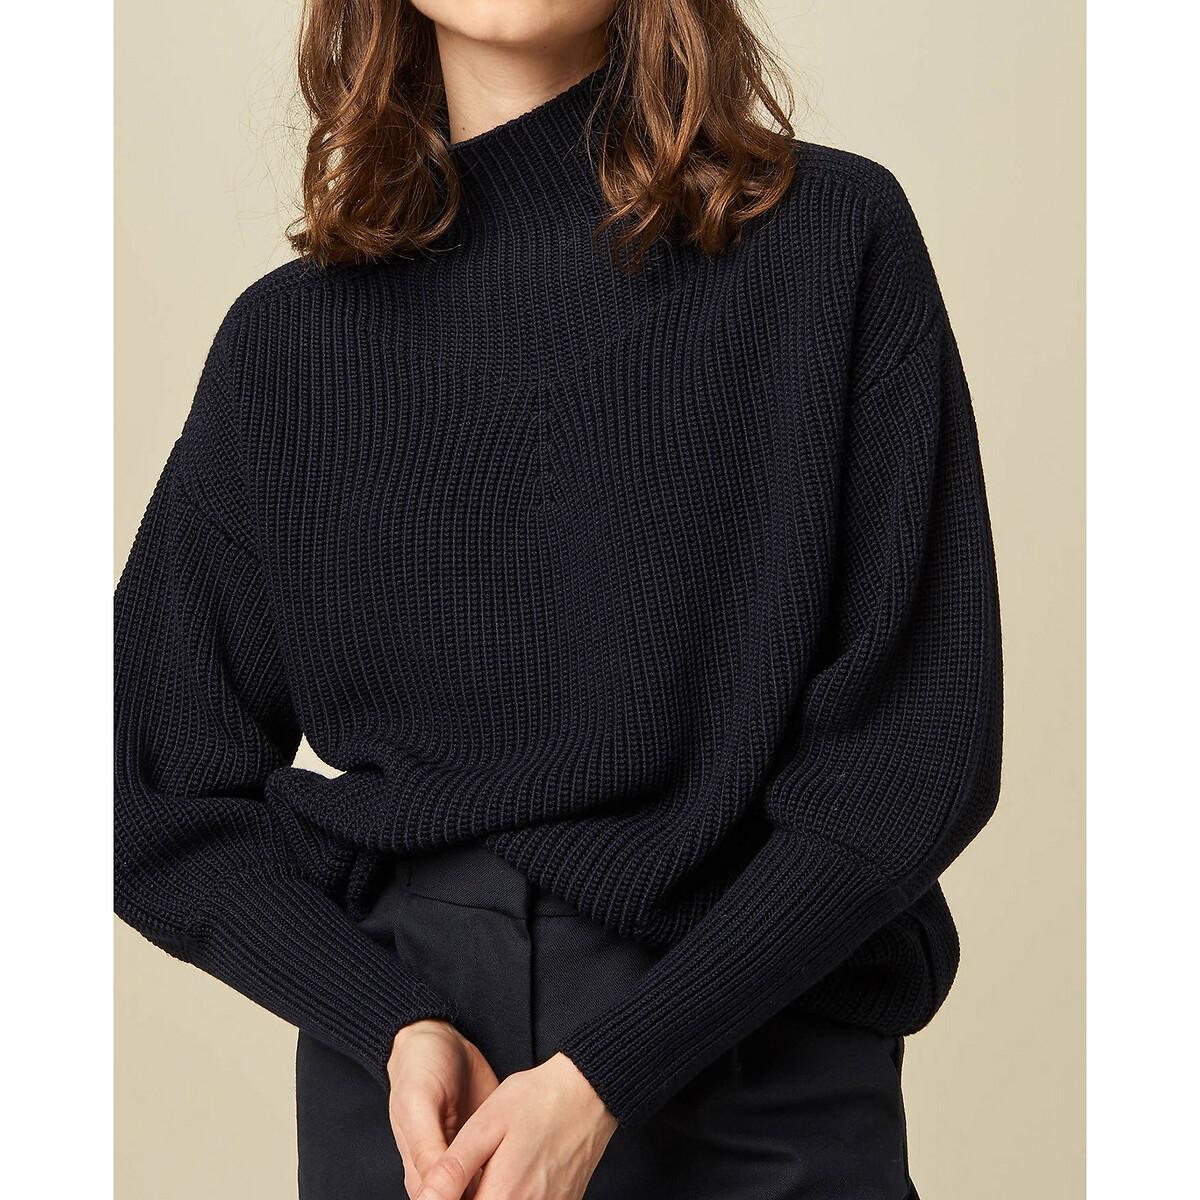 Пуловер LaRedoute С воротником-стойкой из плотного трикотажа JAMMY S синий блузон la redoute короткий с воротником стойкой jjedesert демисезонная модель s бежевый